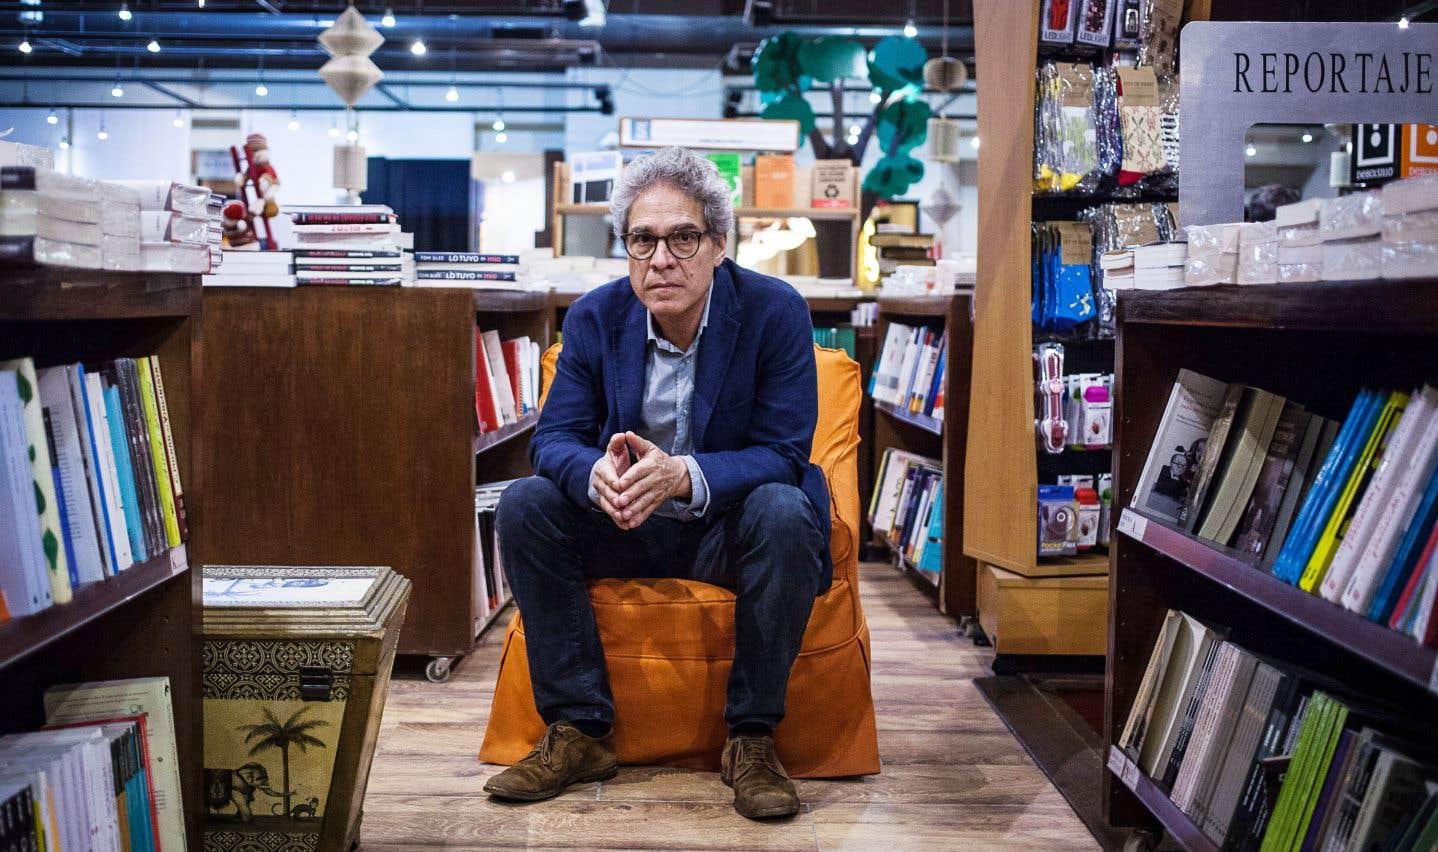 En entrevue, l'auteur économise ses mots par moments, comme dans ses romans.